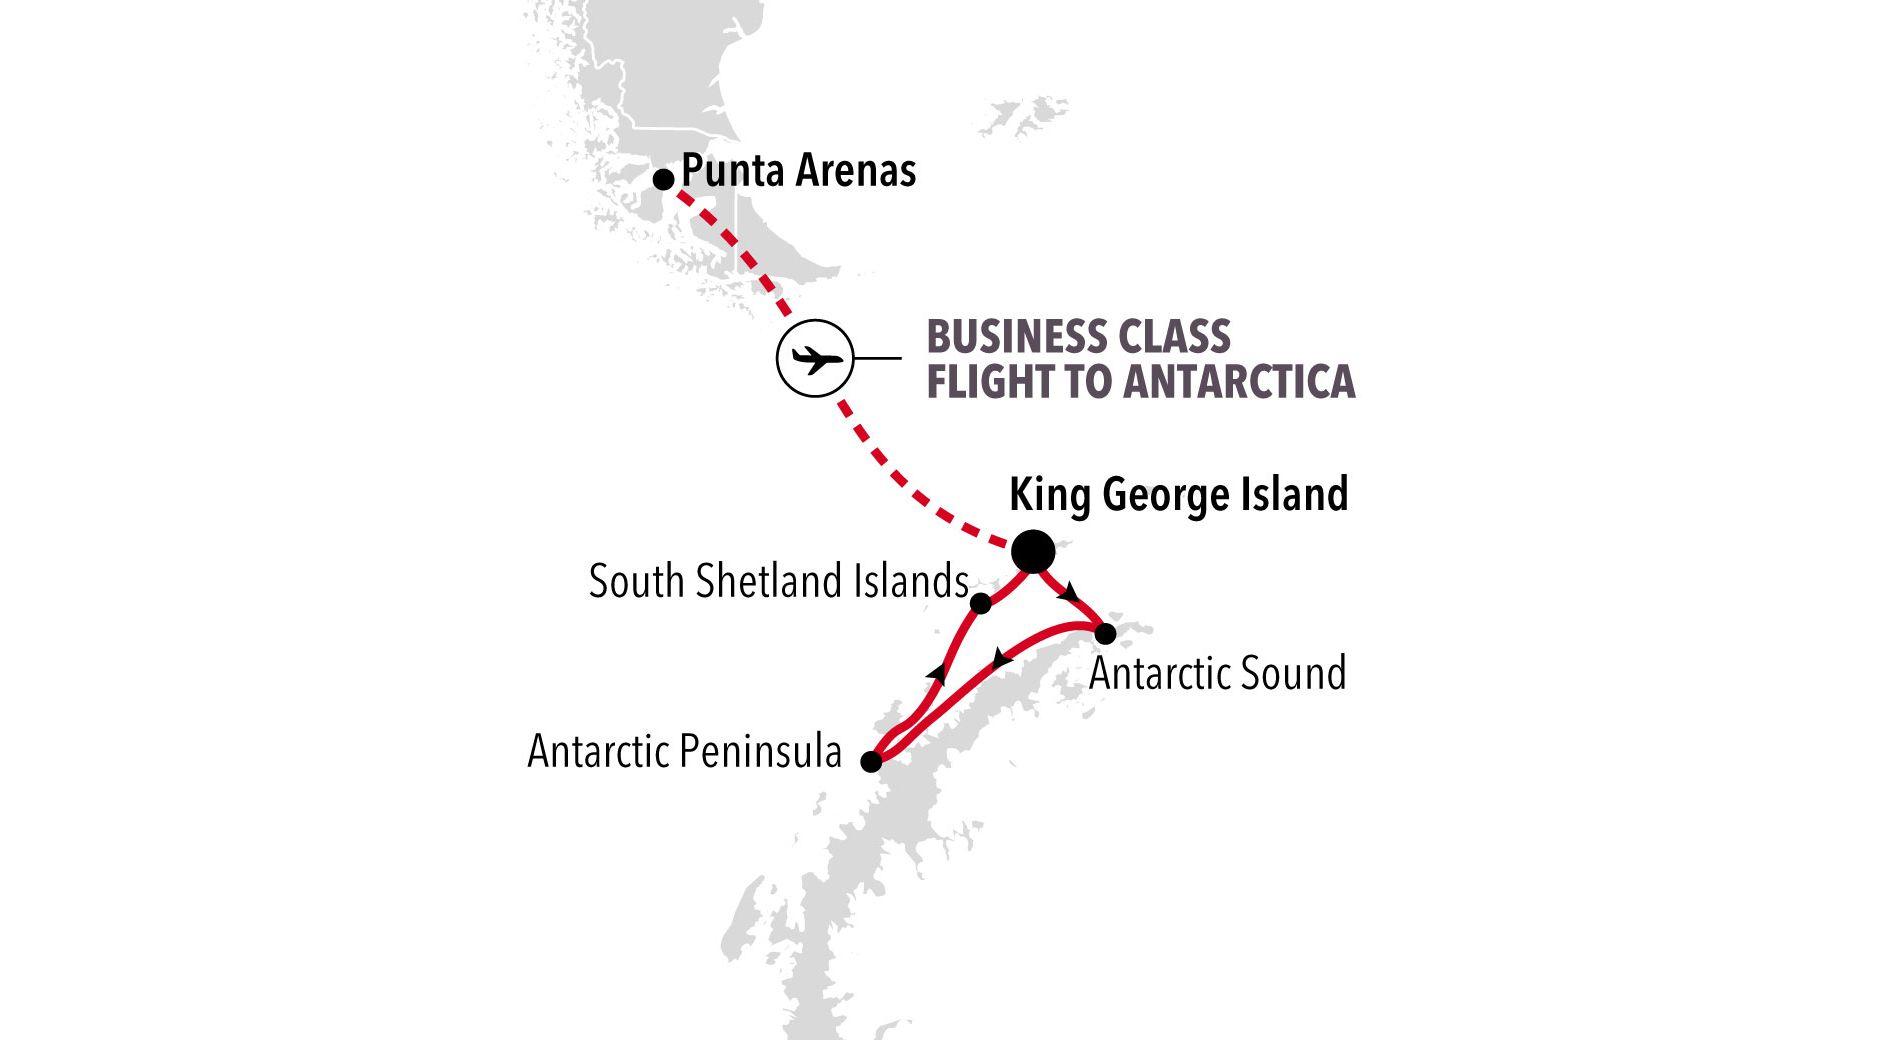 E1211217006 - King George Island nach King George Island